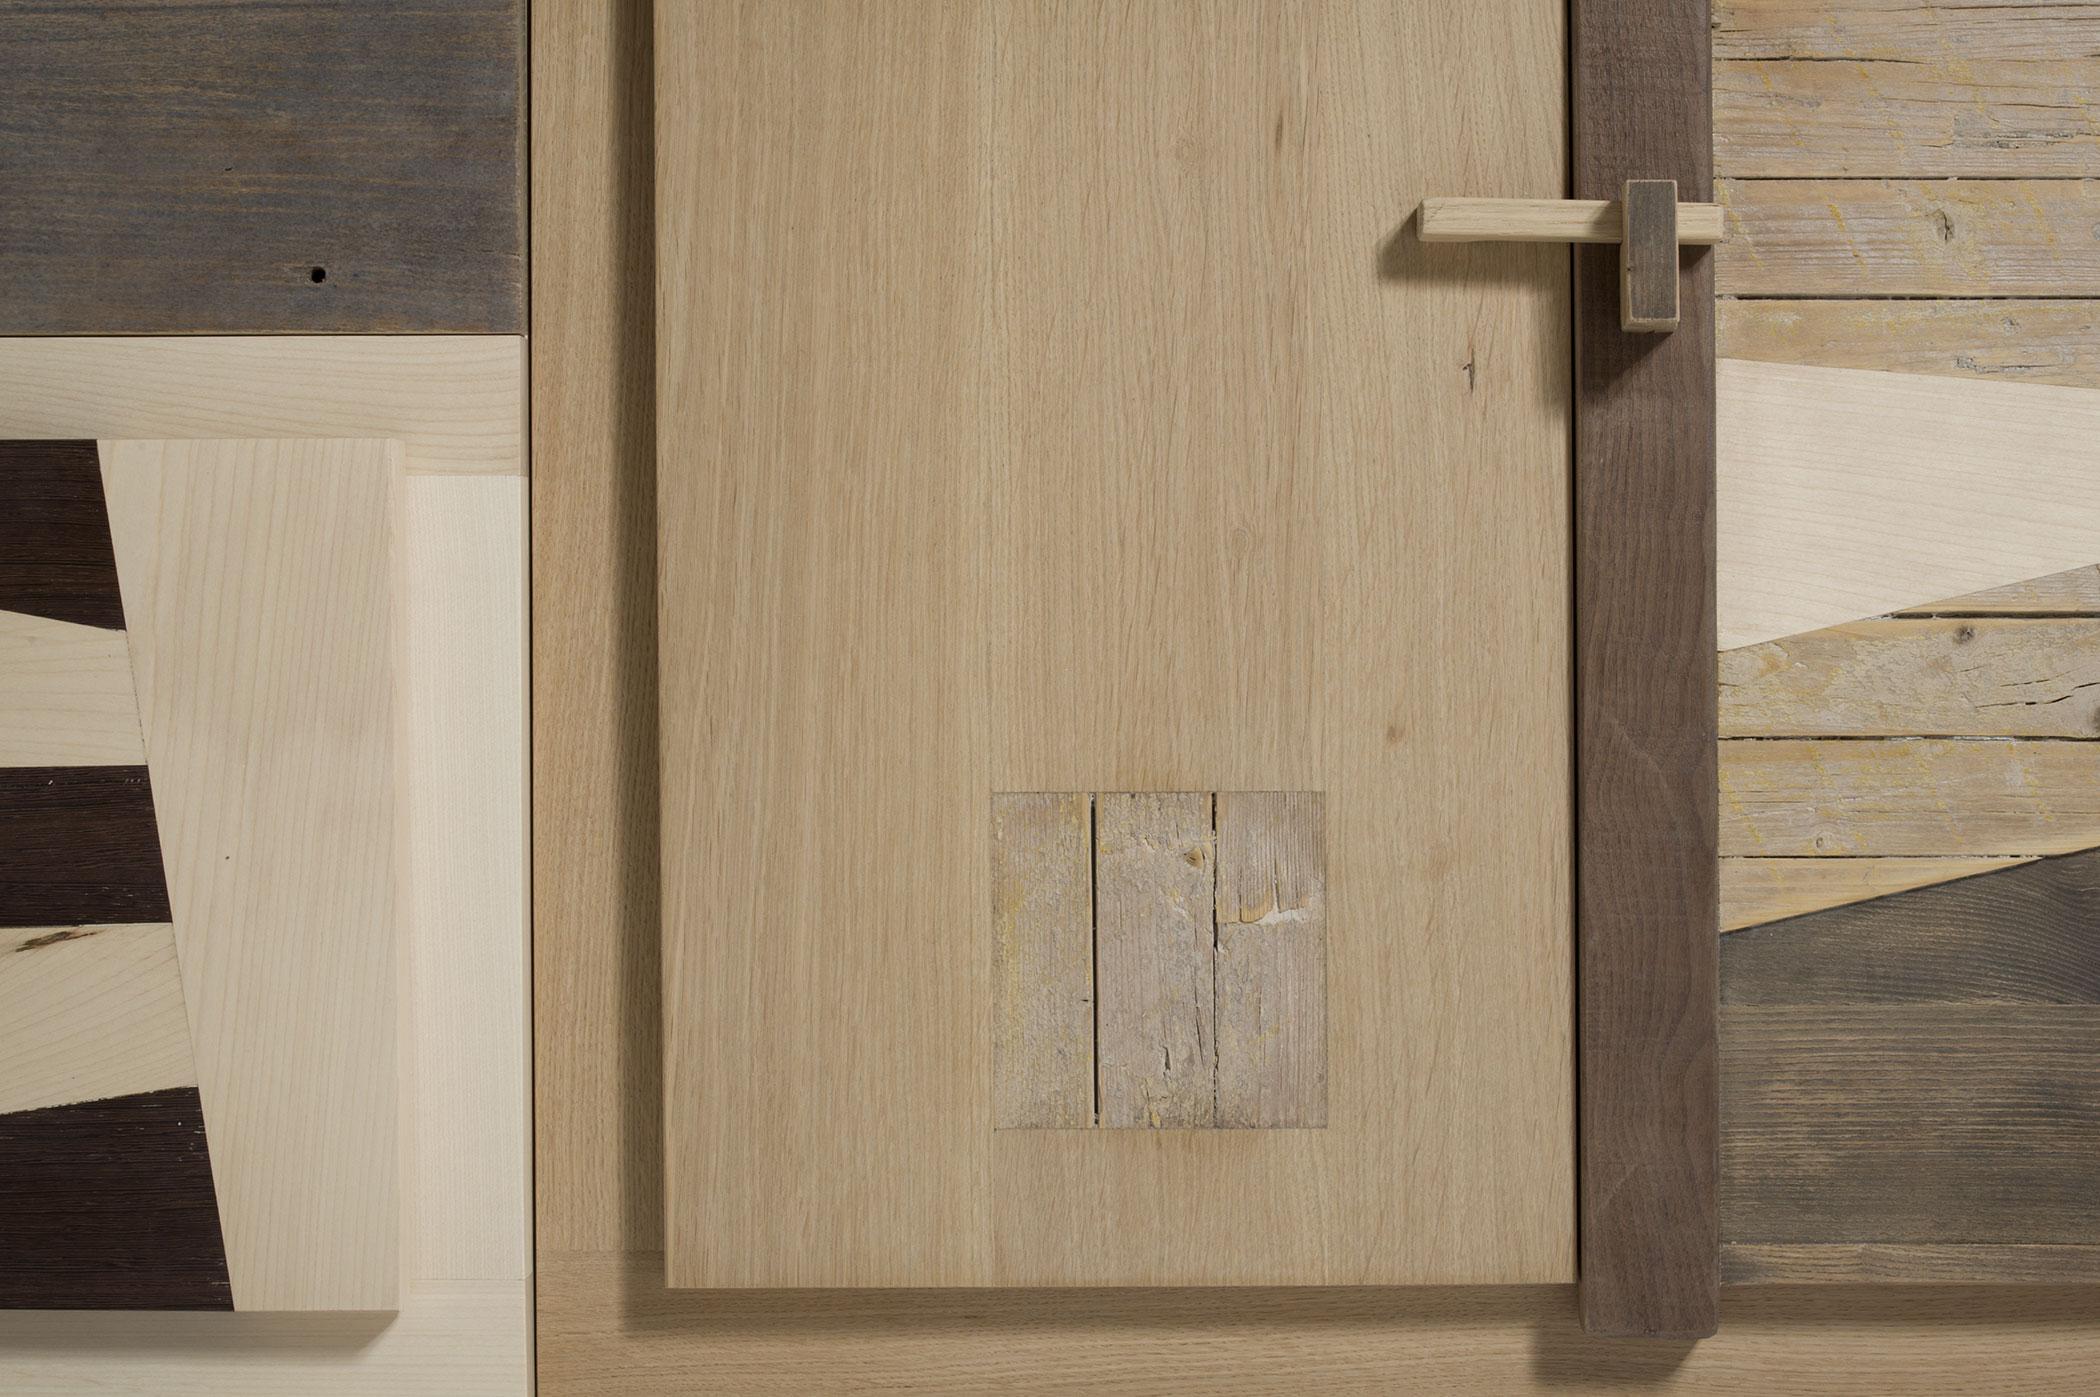 Bancone in legno massello per zona living. falegnameria Laquercia21. Design artigianale su misura per la tua casa